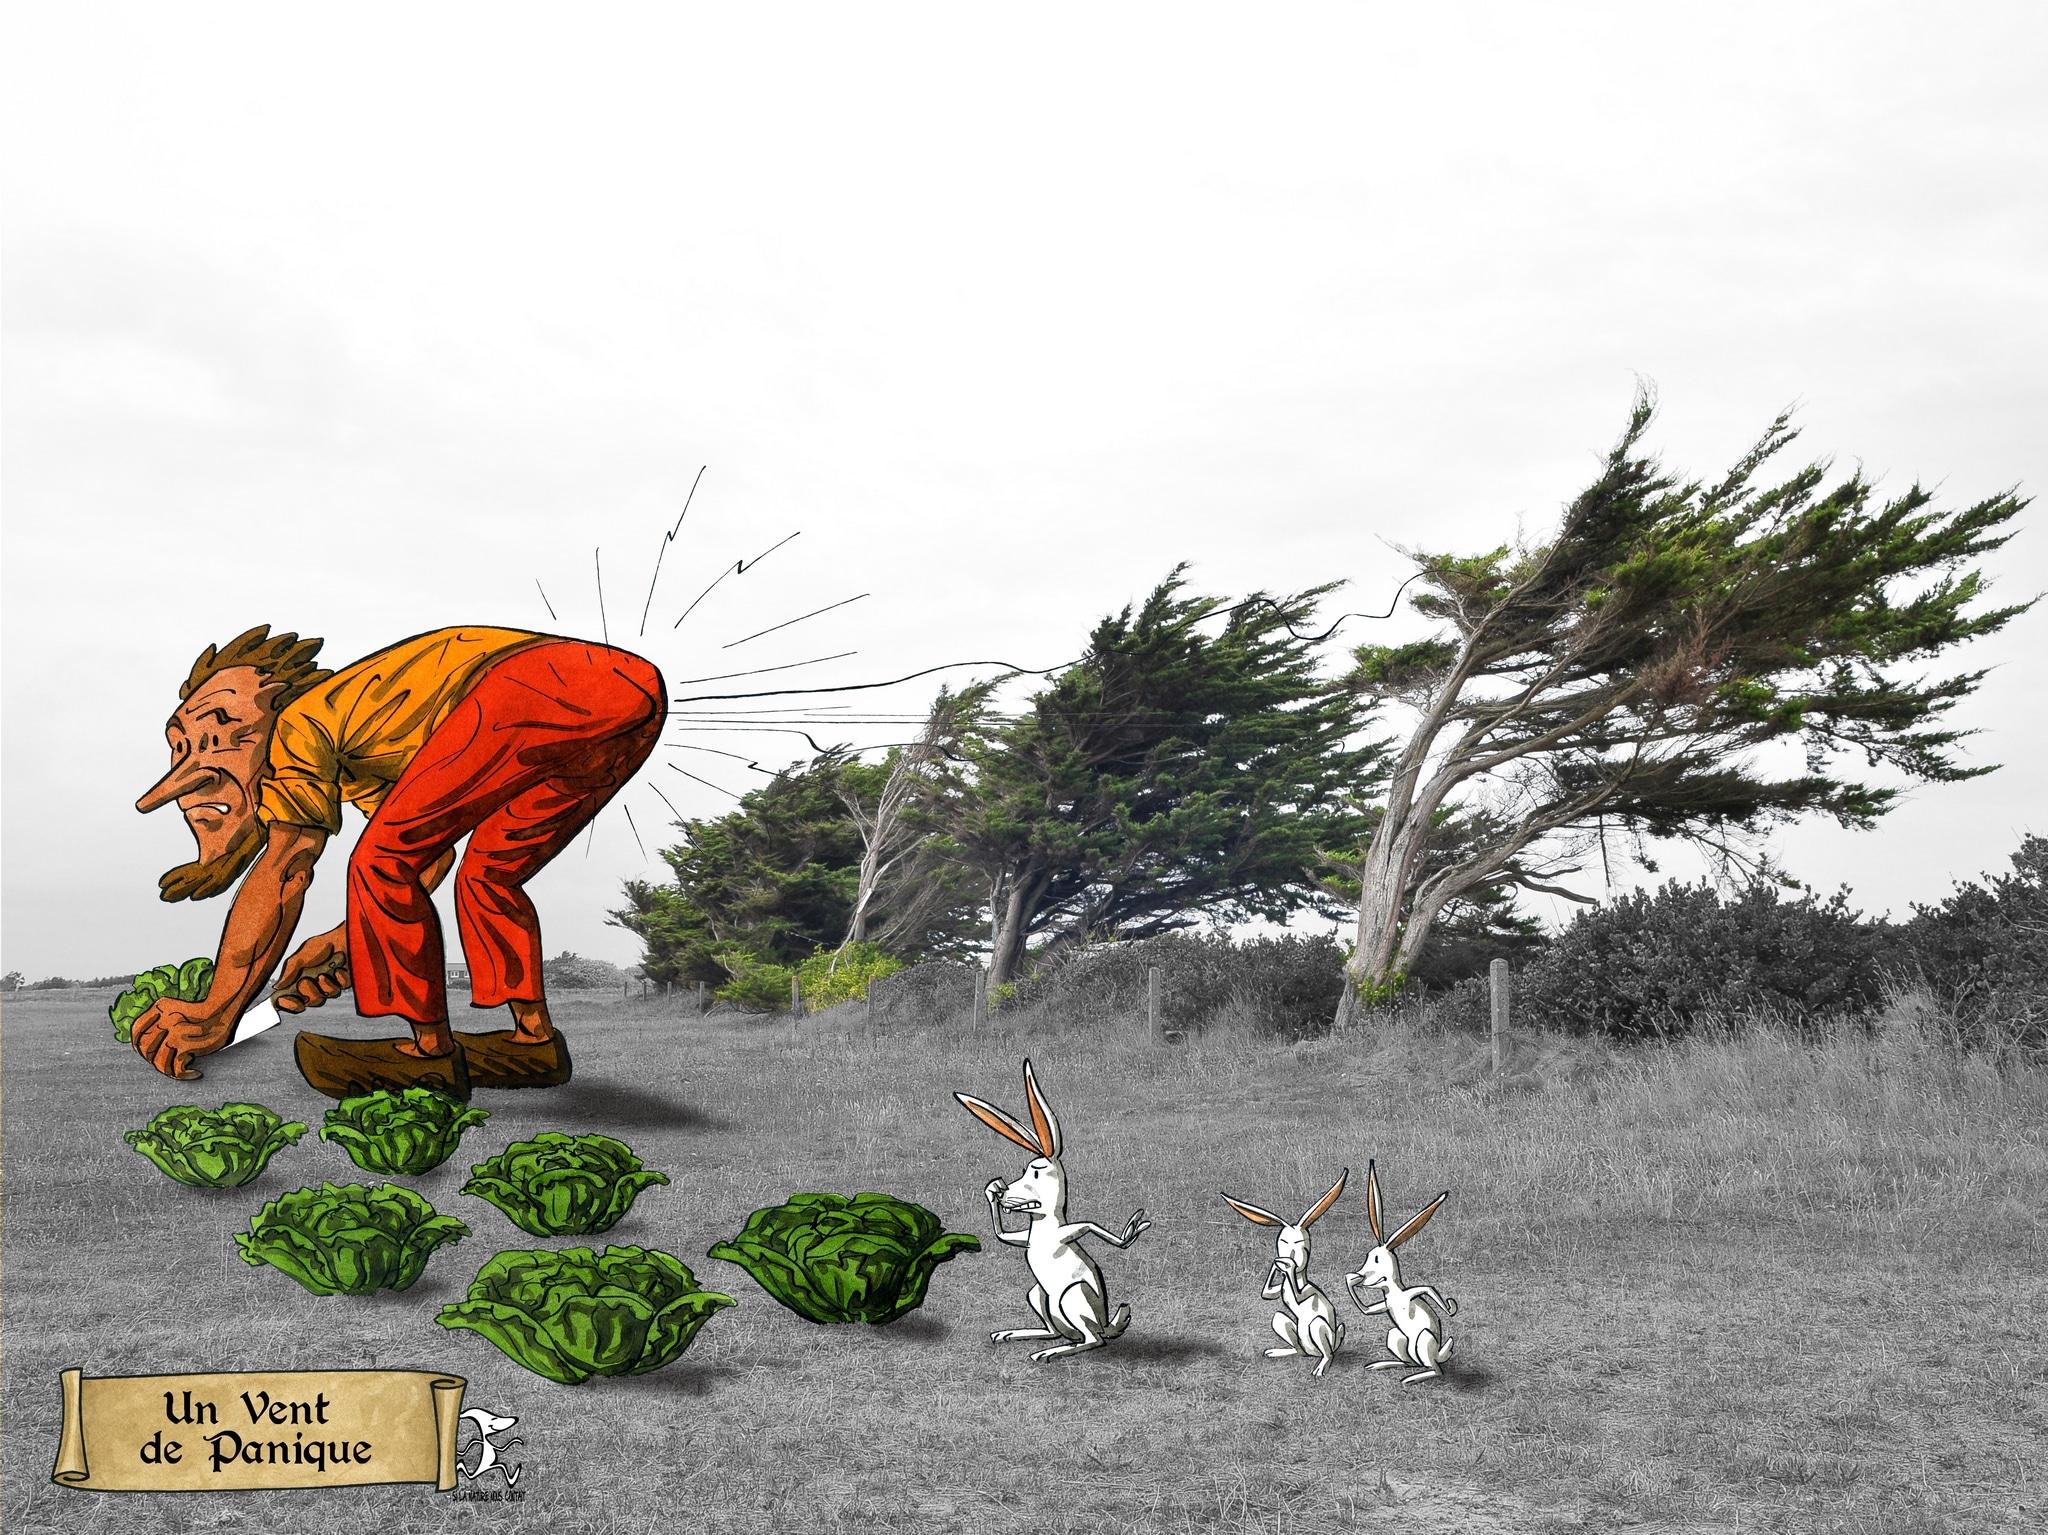 vent de panique 01 bd dessin penmarc'h dessin julien Lamanda photo damien Journée